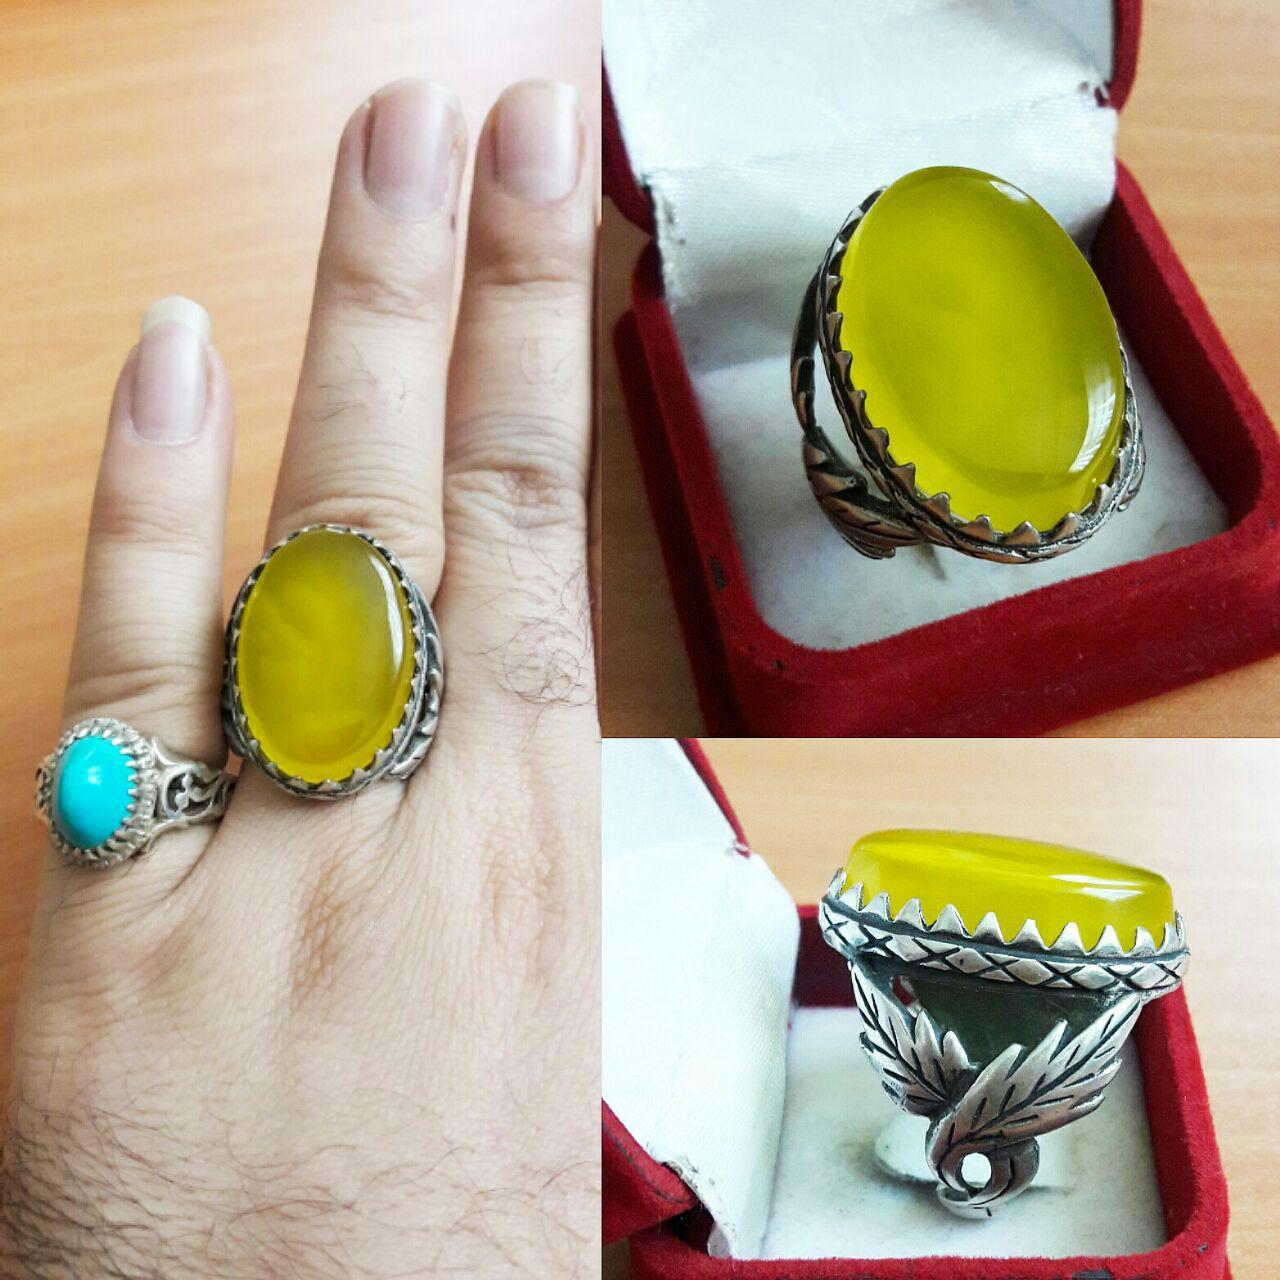 انگشتر عقیق زرد خوشرنگ لانه زنبوری برای دعای شرف الشمس